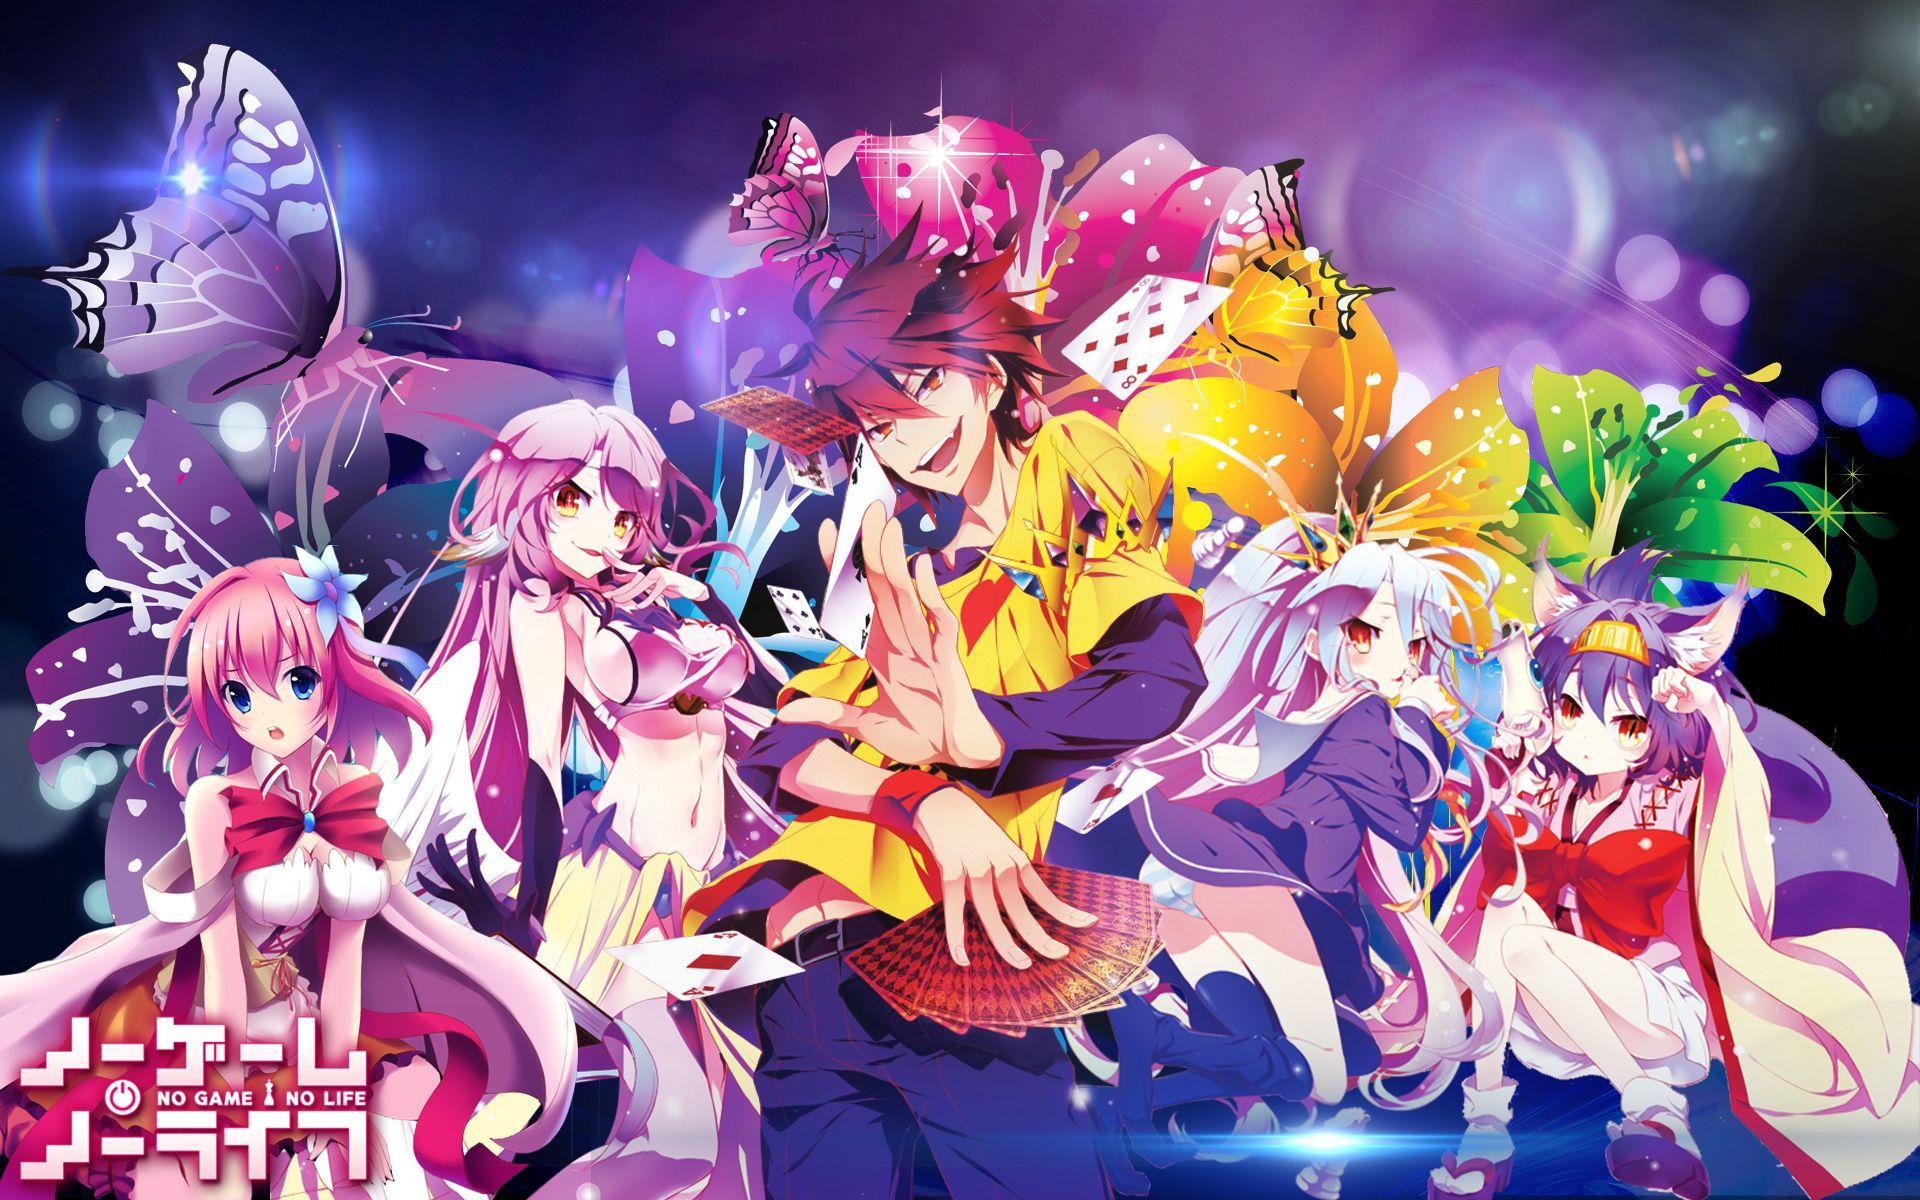 Imagenes De Anime No Game No Life Anime Wallpaper Anime